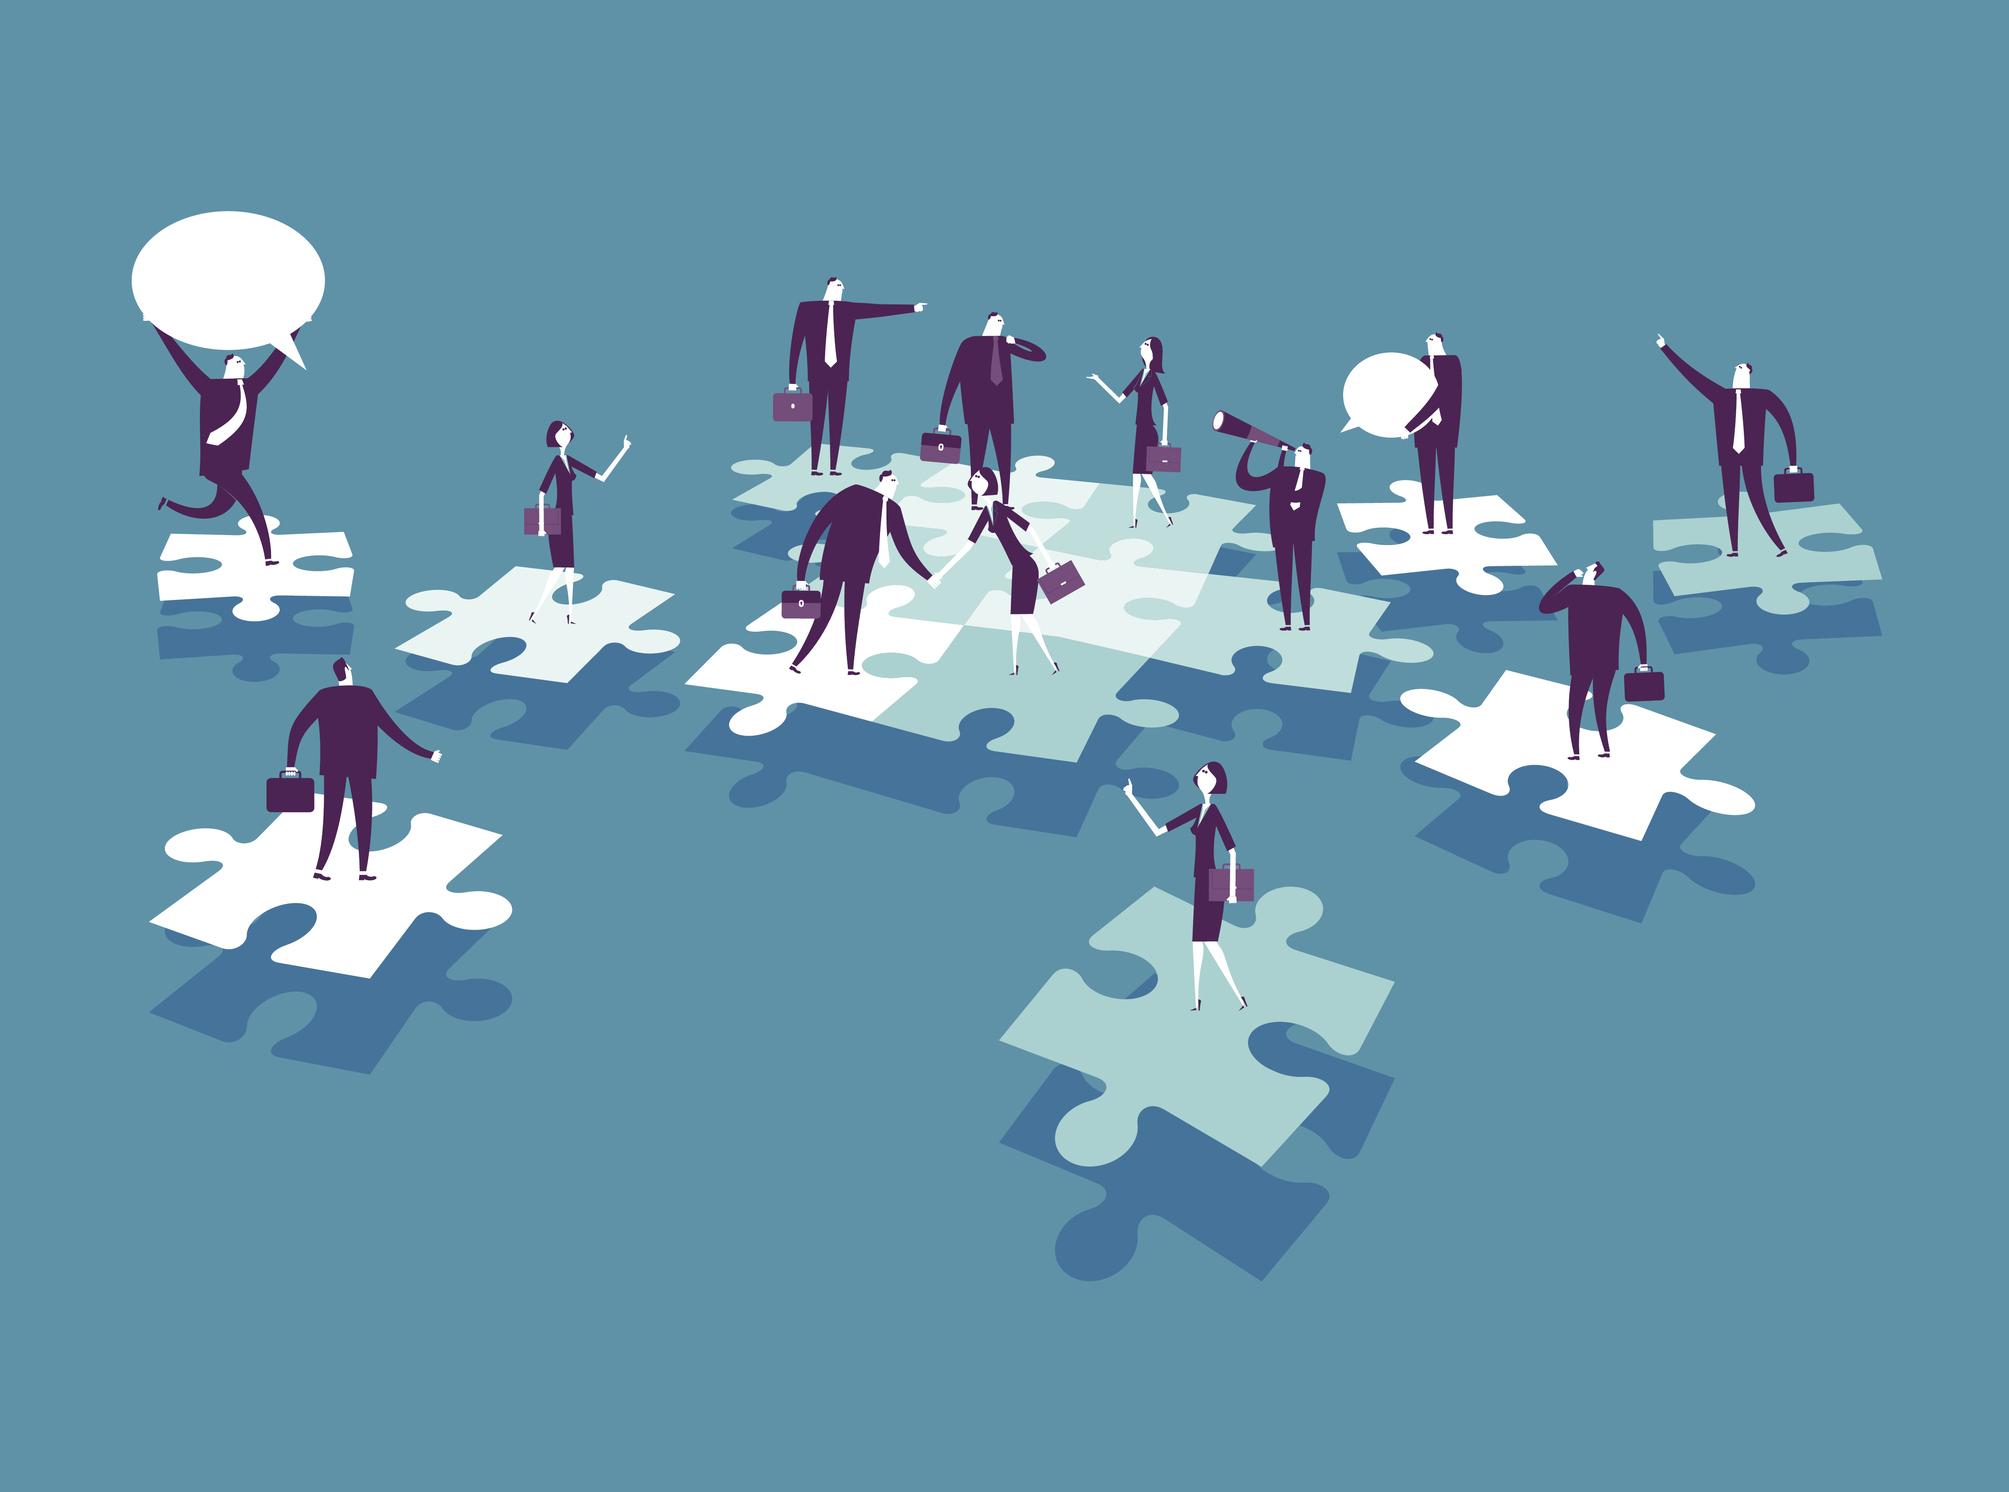 شبکه سازی برای ارتقا محتوا